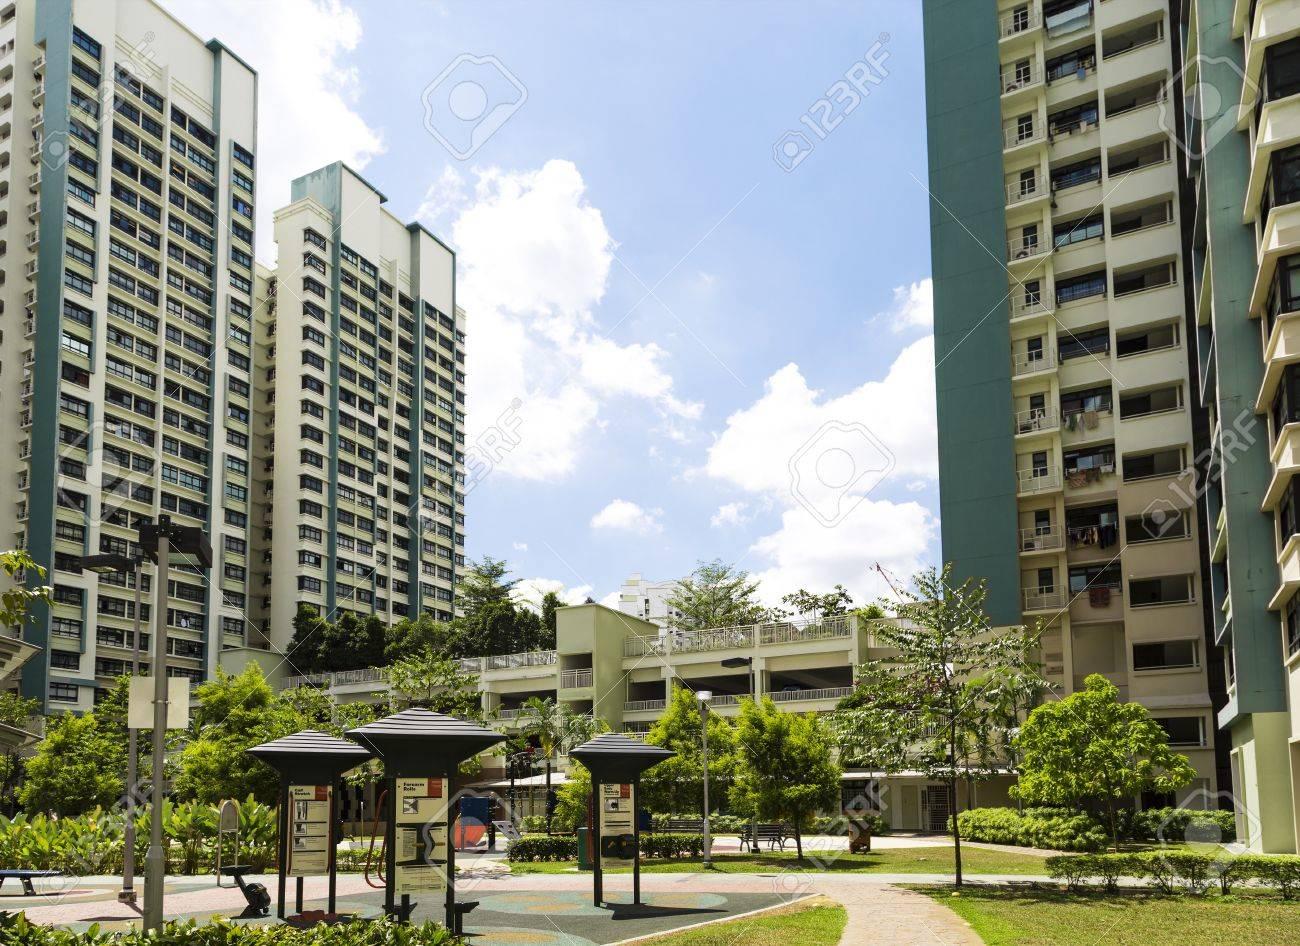 Eine neue Wohnung Nachbarschaft mit Parkplatz und Spielplatz Standard-Bild - 20879002